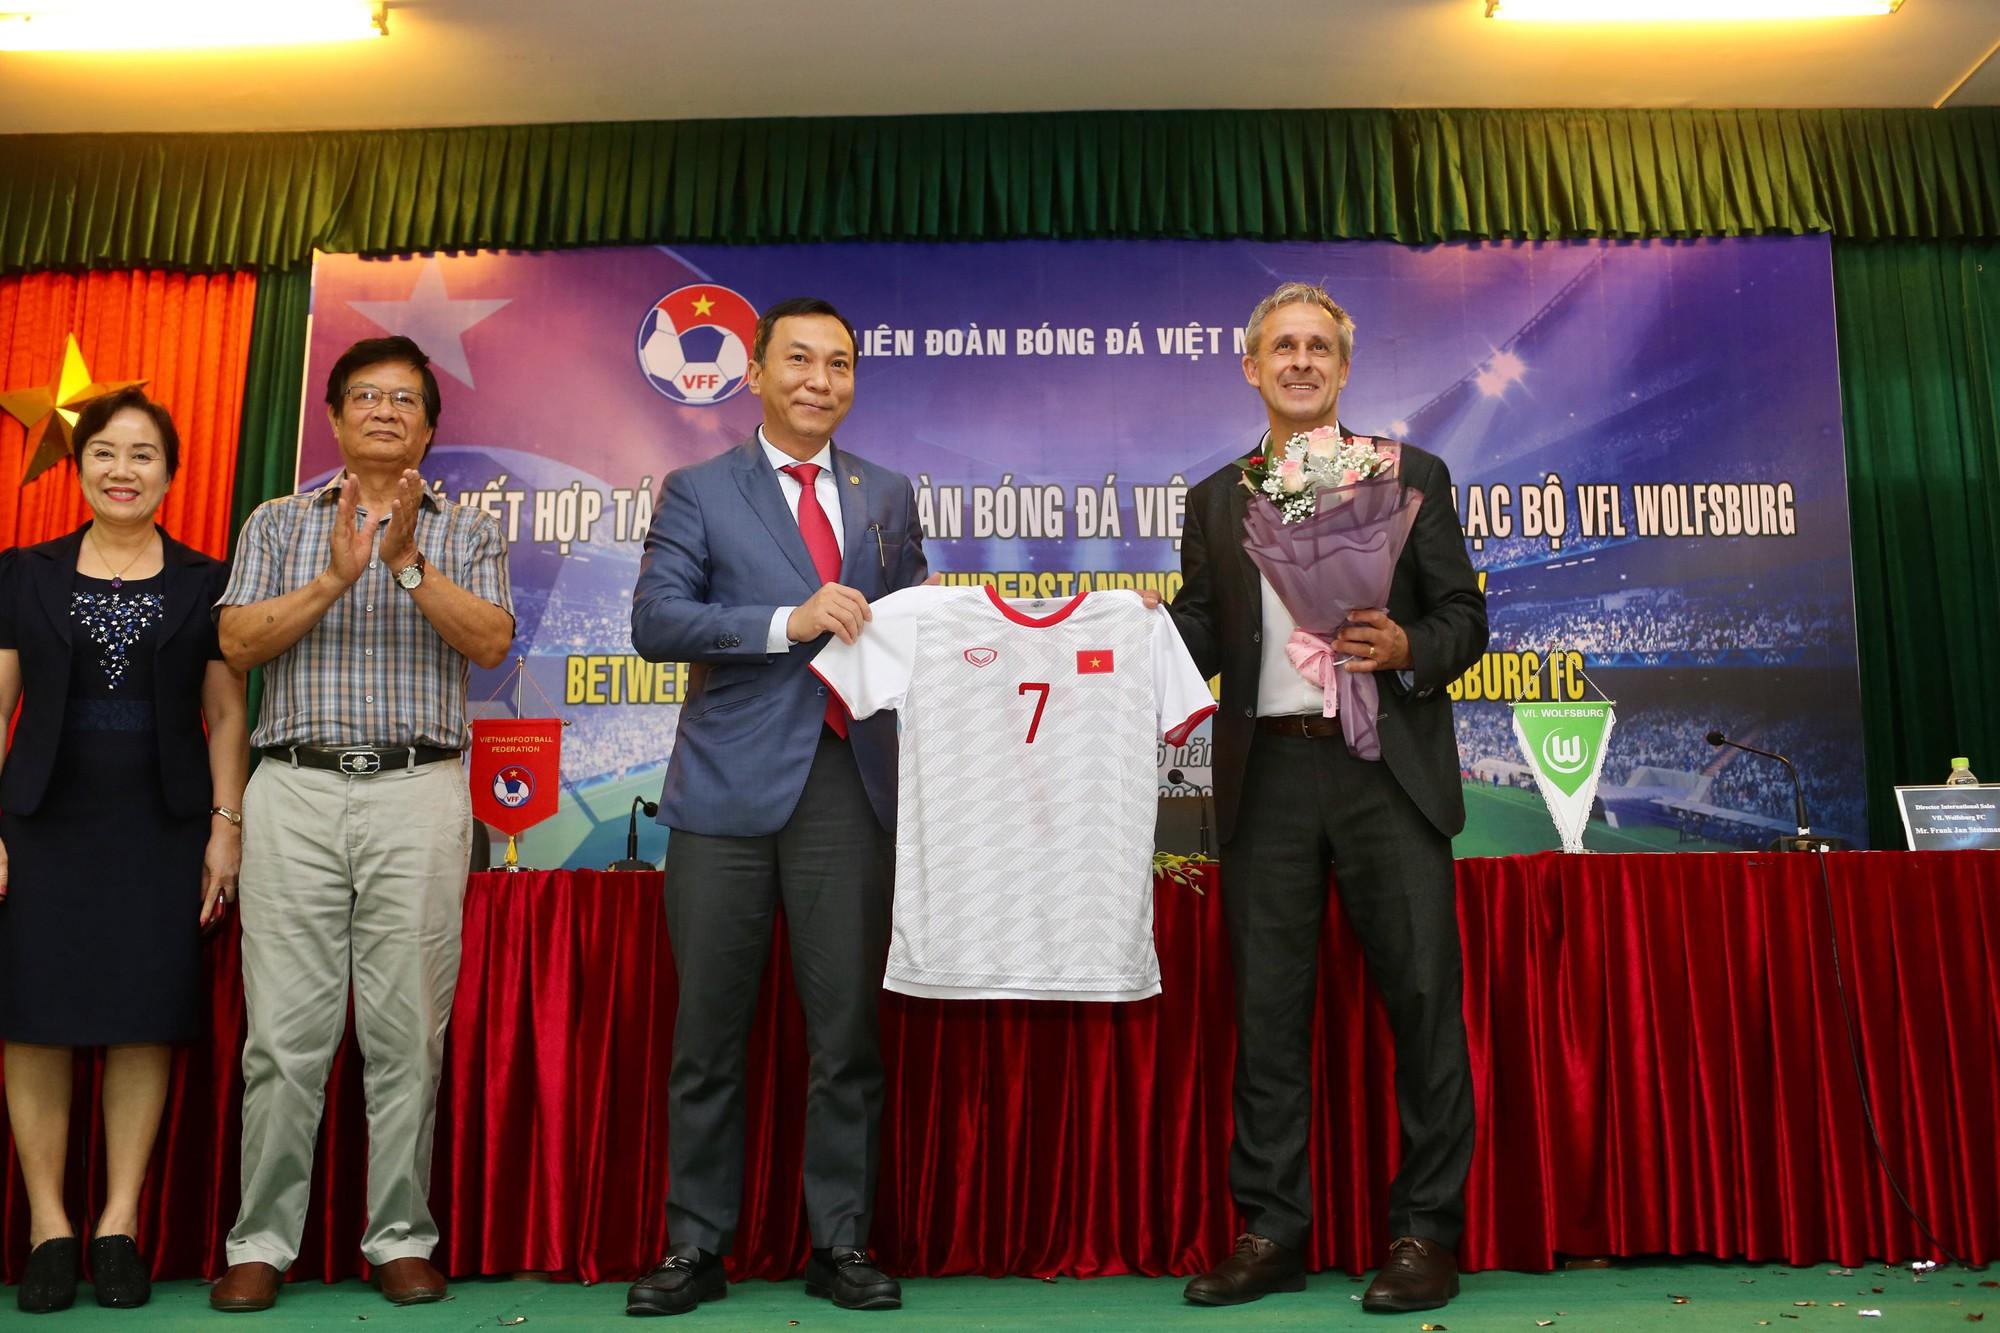 Cầu thủ trẻ Việt Nam chưa thể sang Đức thi đấu vì lý do này - Ảnh 3.